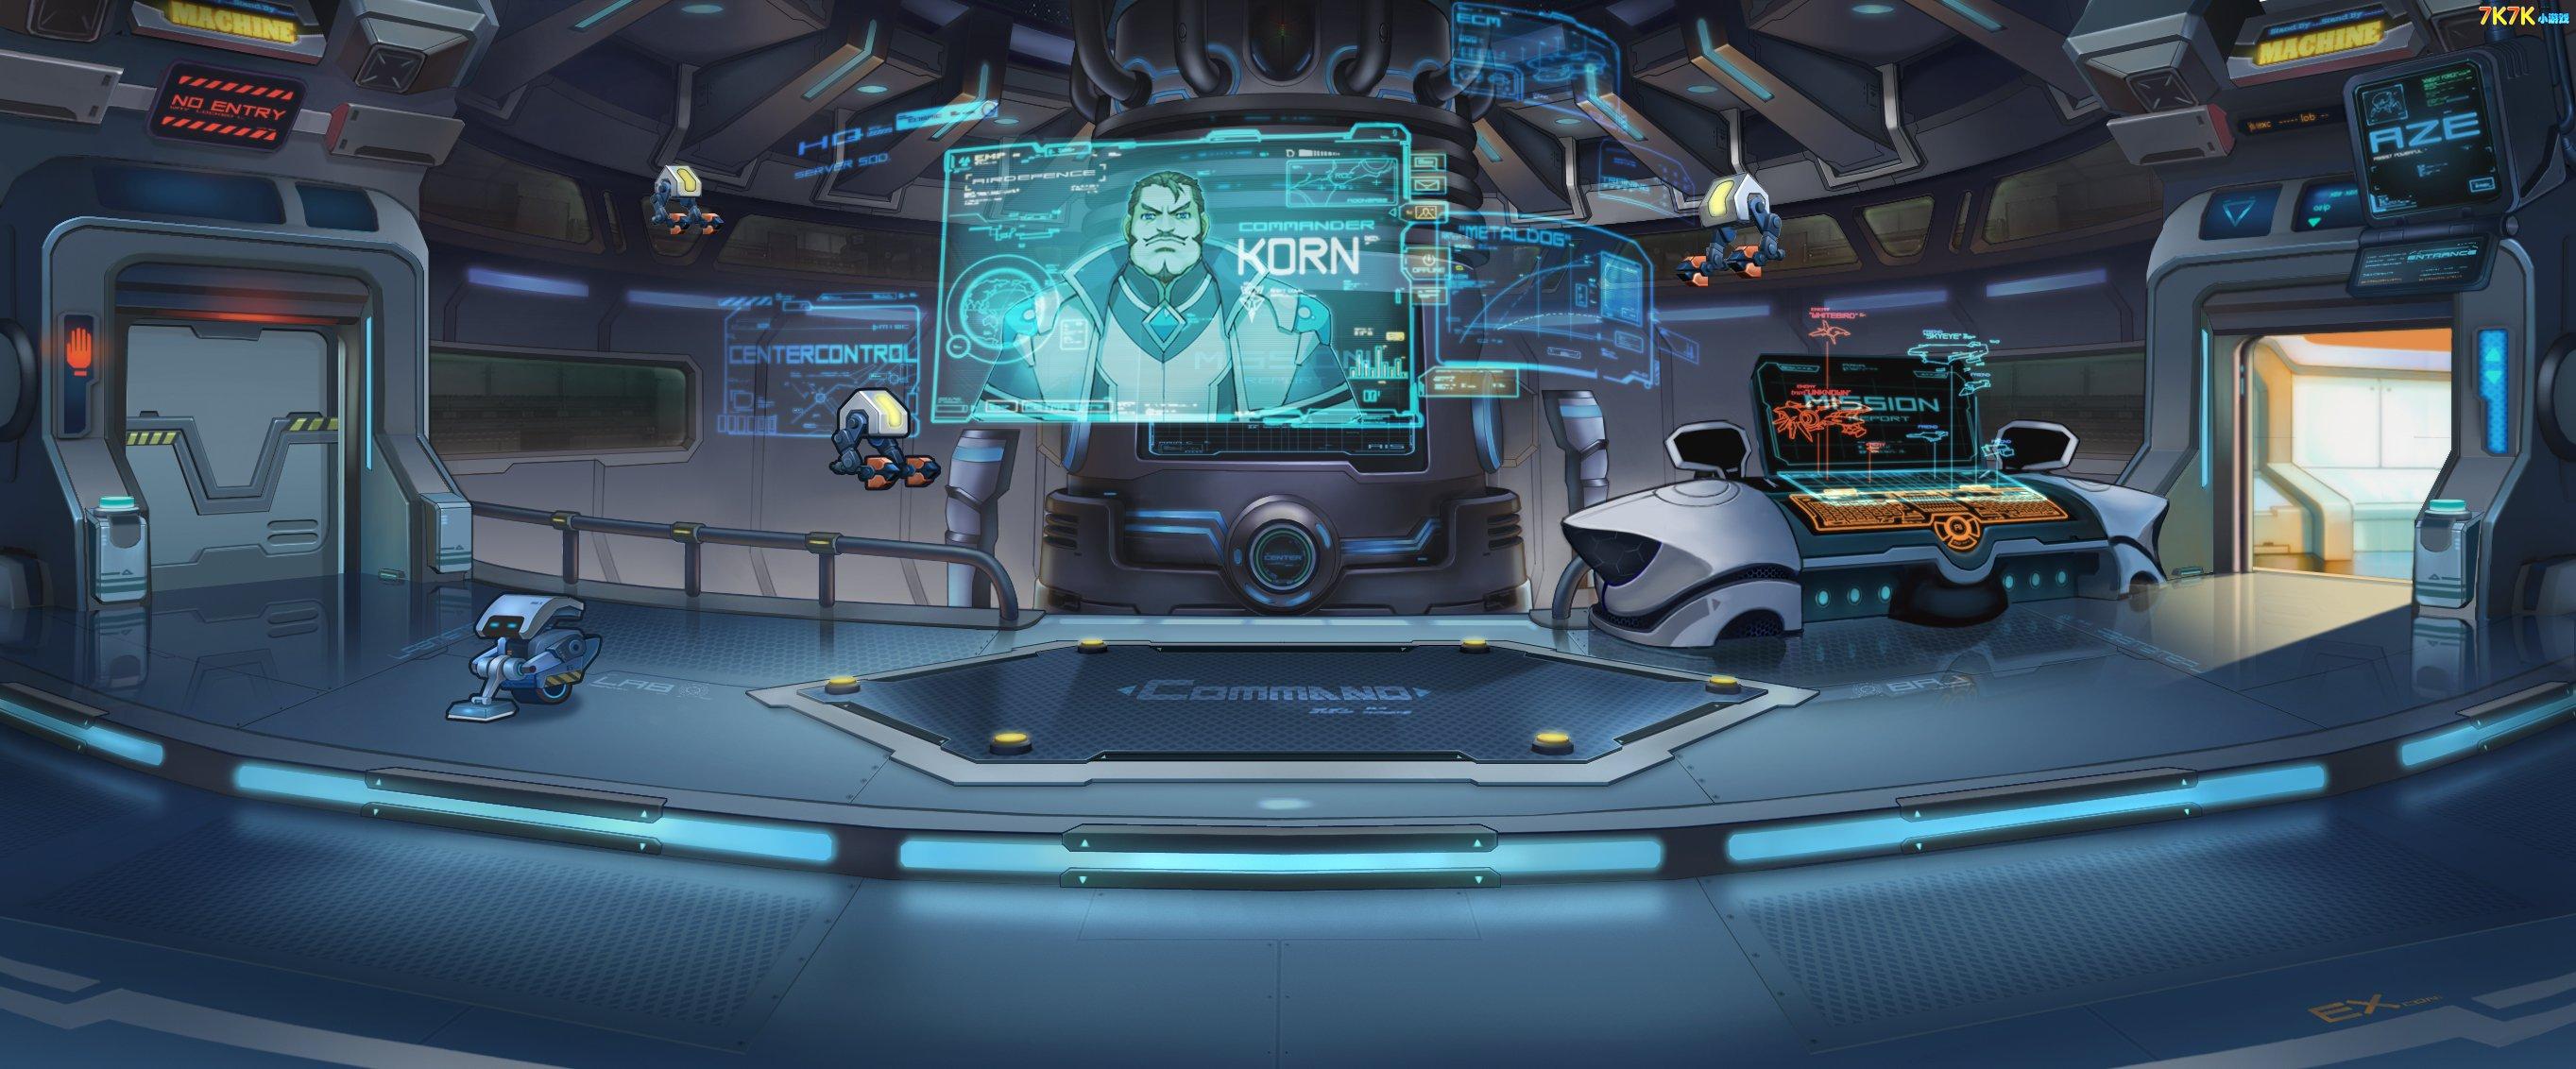 机甲游戏室内场景手绘